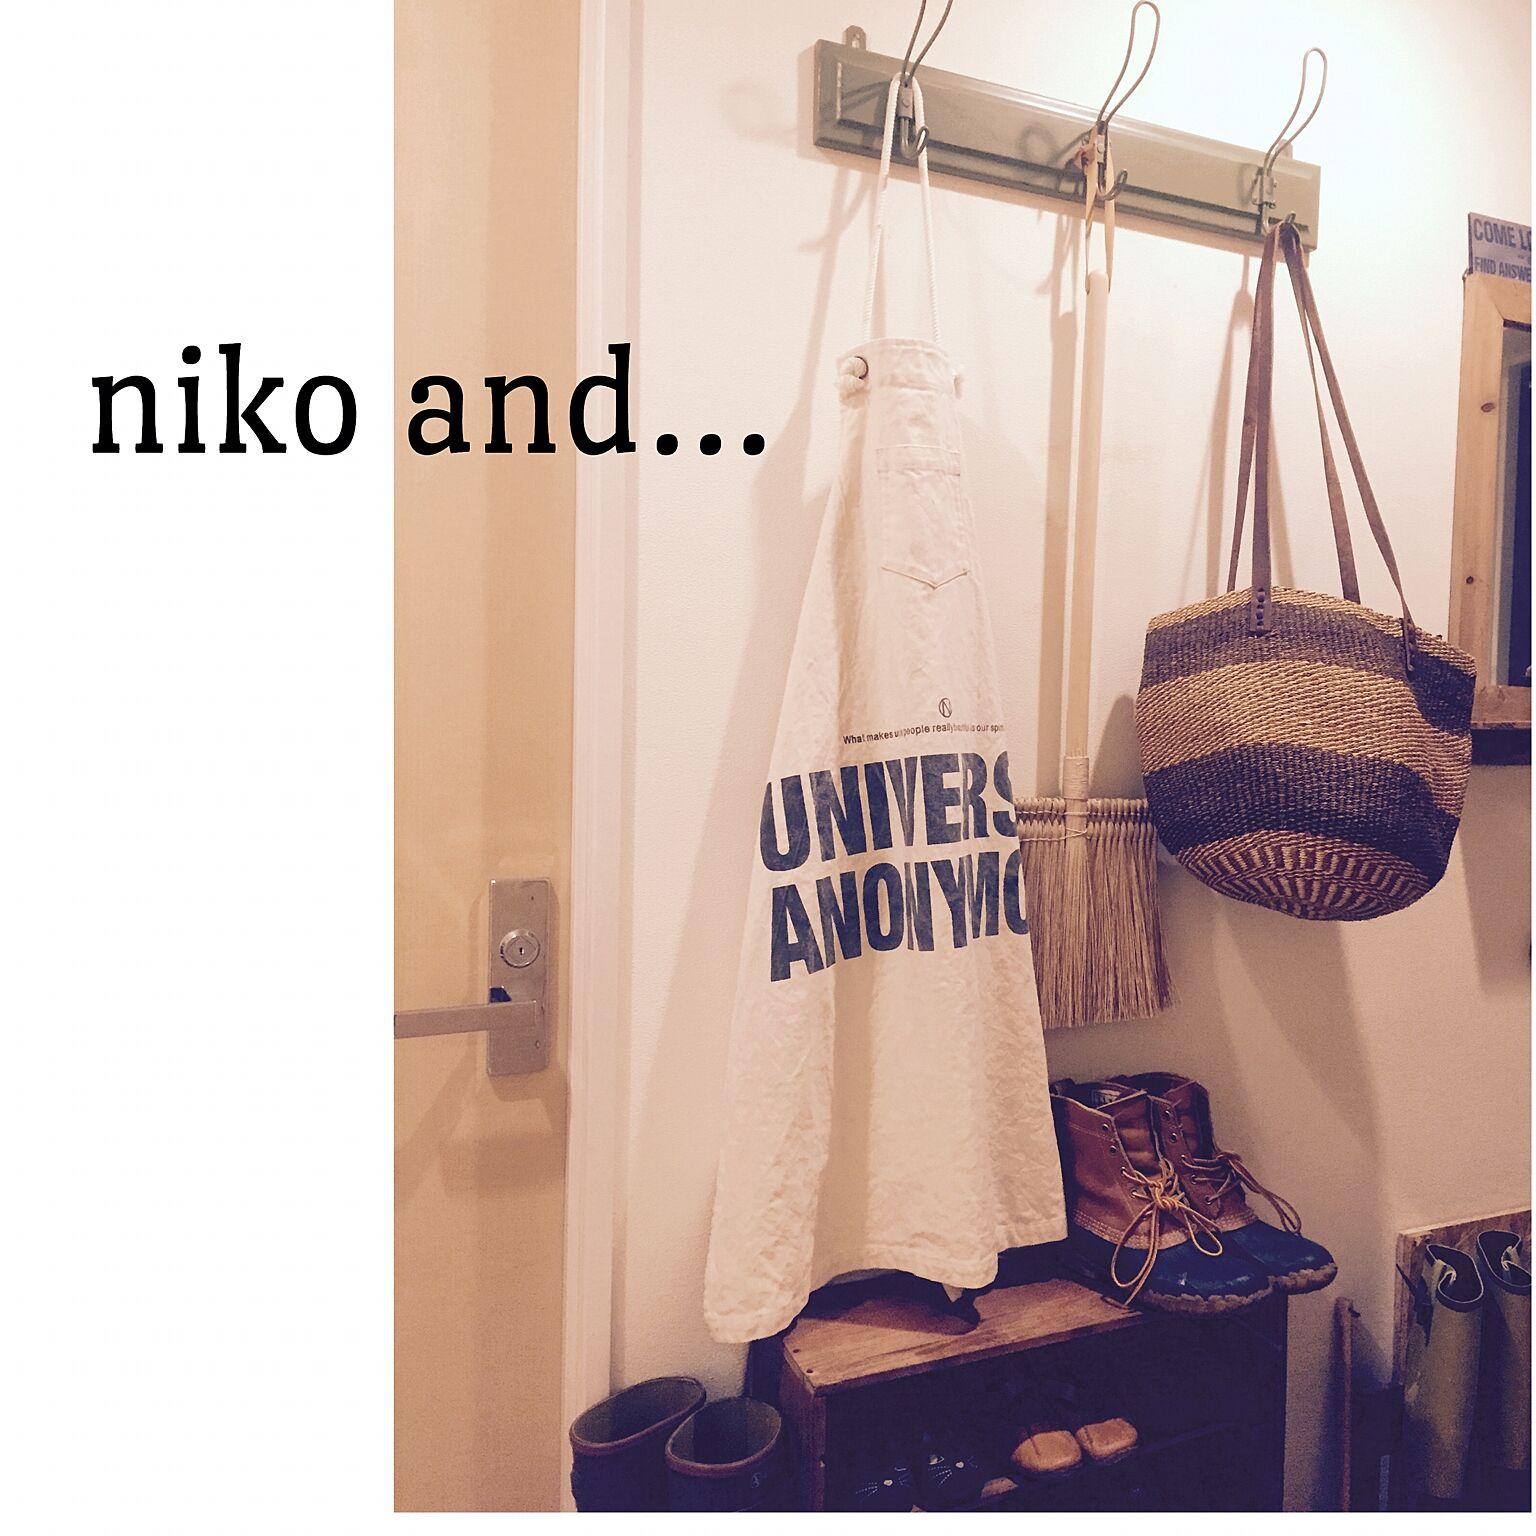 ナチュラルカッコいい玄関入口にniko and…の白エプロンが馴染んでいます。